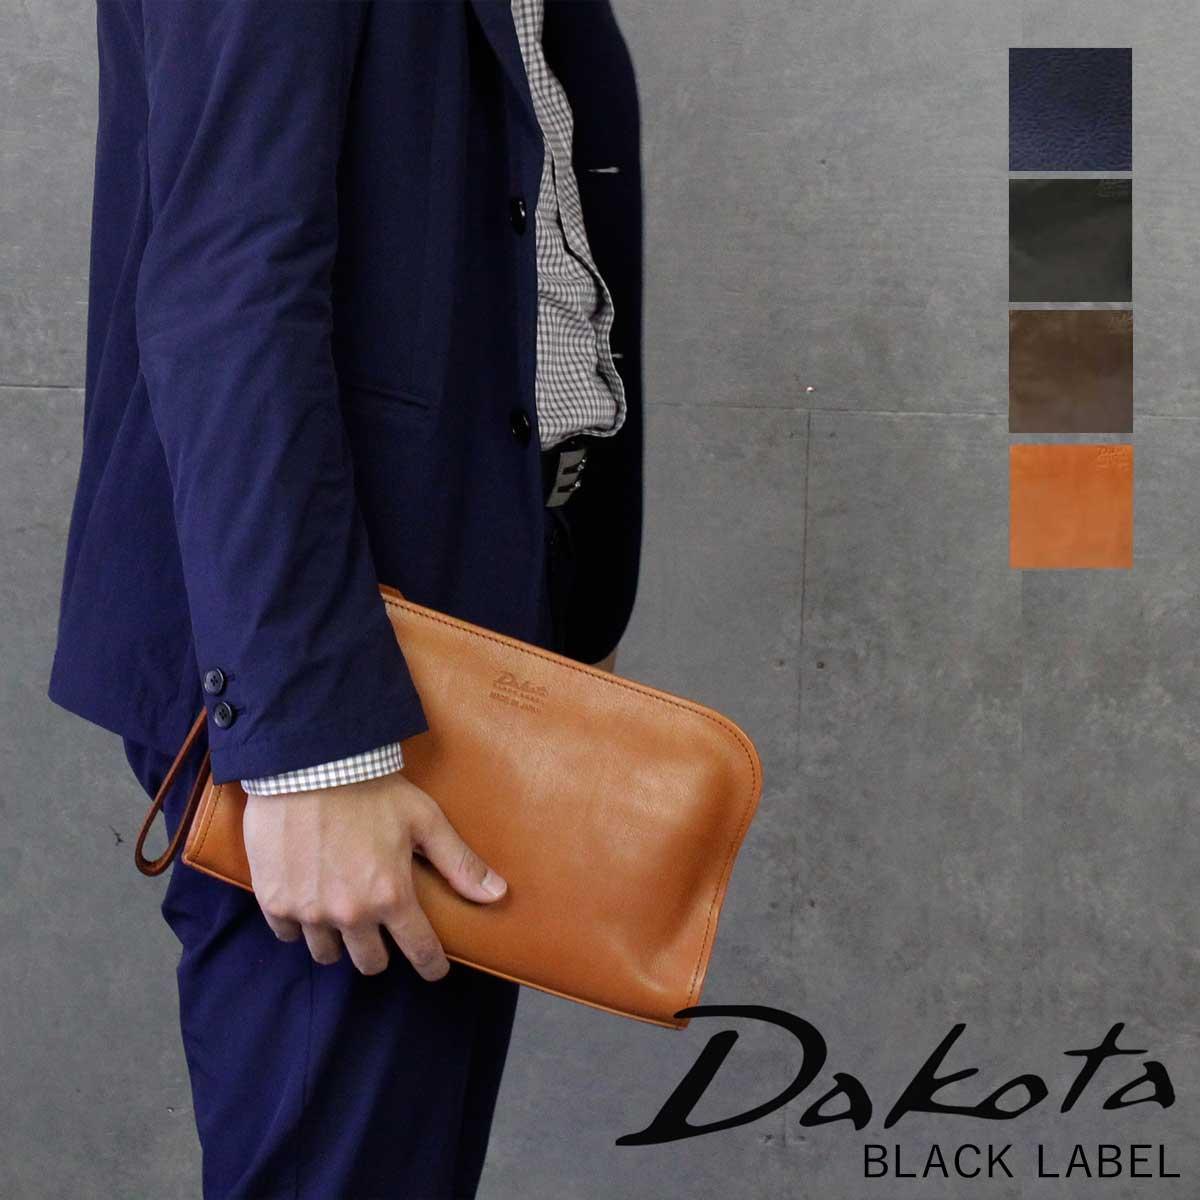 【メッセージカード・ラッピング大好評】【選べるノベルティ大好評】クラッチバッグ Dakota BLACK LABEL ダコタブラックレーベル アクソリオ ユーティリティバッグ 0637638